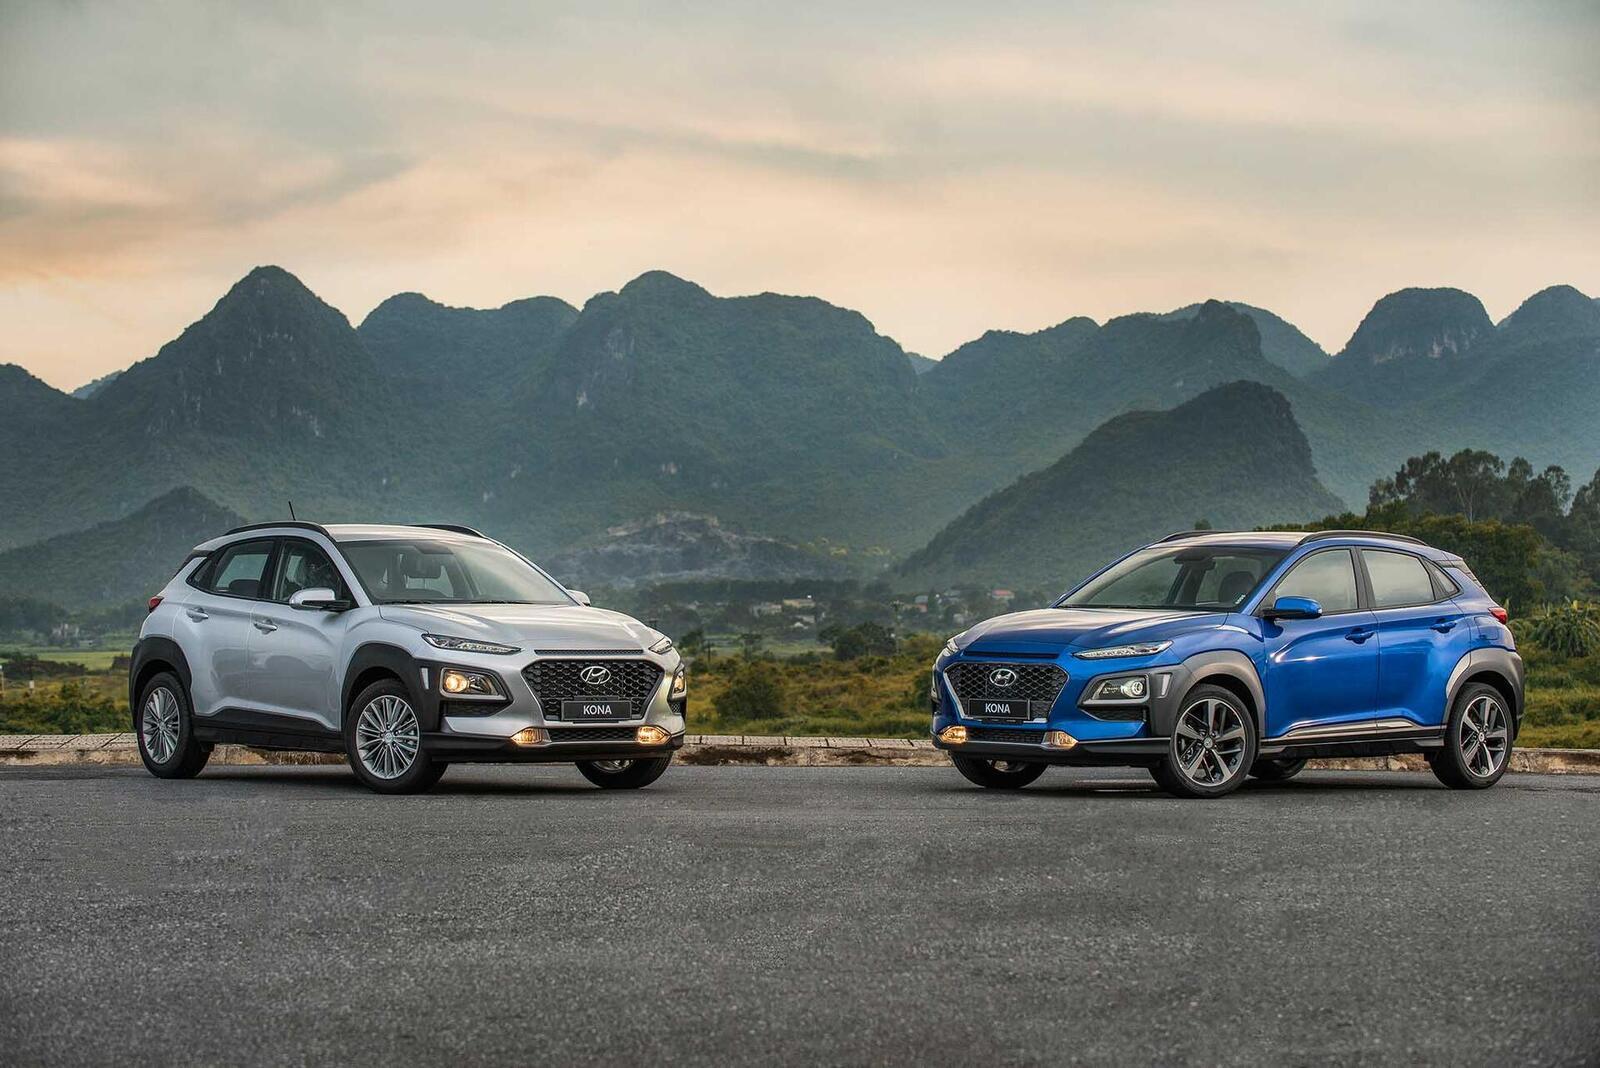 Hyundai công bố doanh số tháng 12/2018: Accent vẫn tiếp tục bán chạy hơn Grand i10 - Hình 3